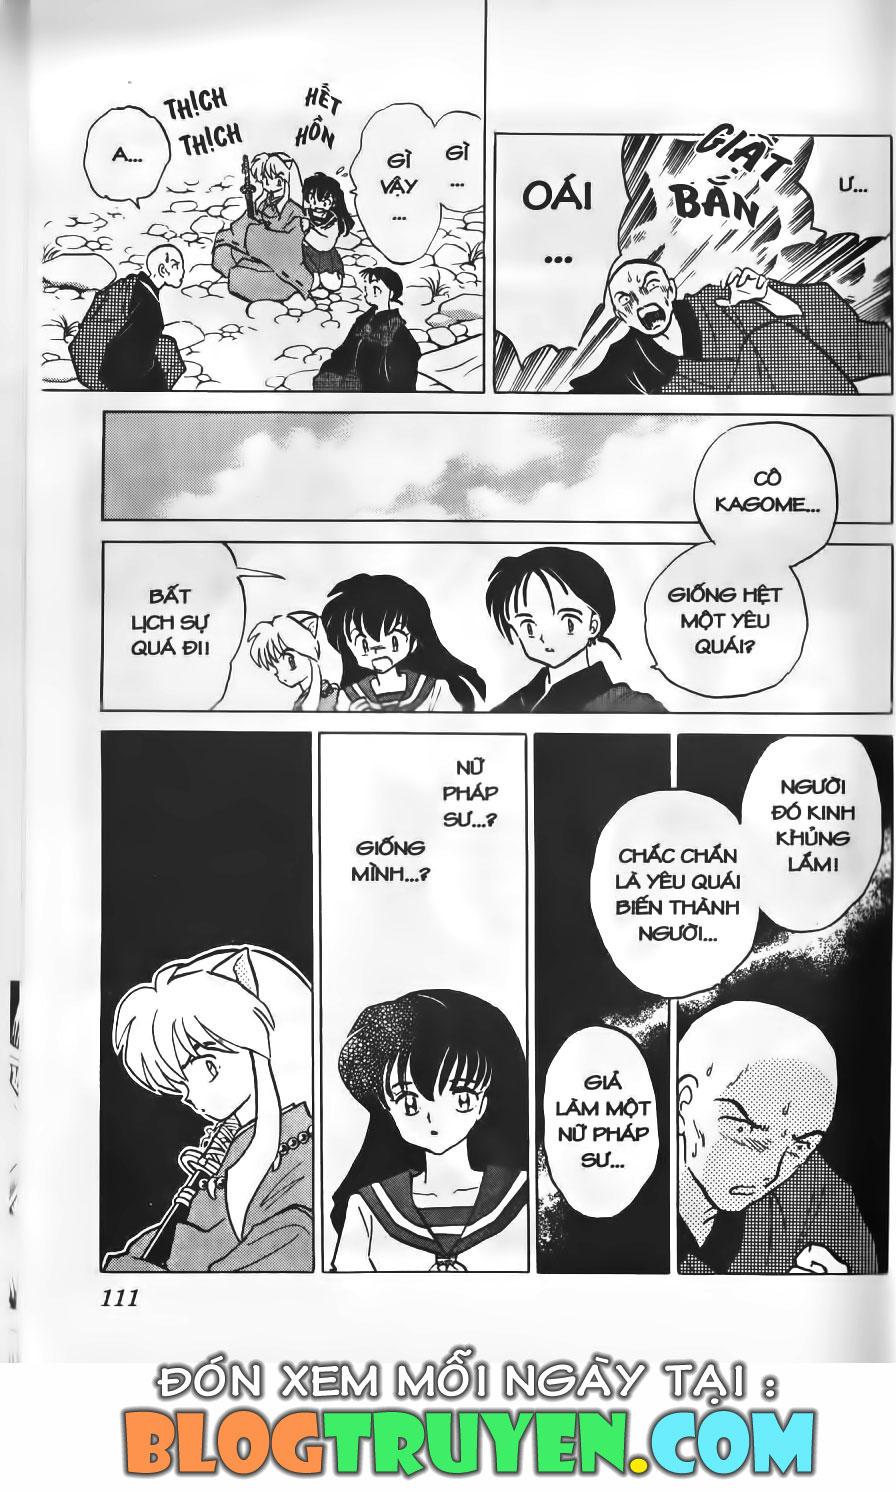 Inuyasha vol 08.6 trang 16